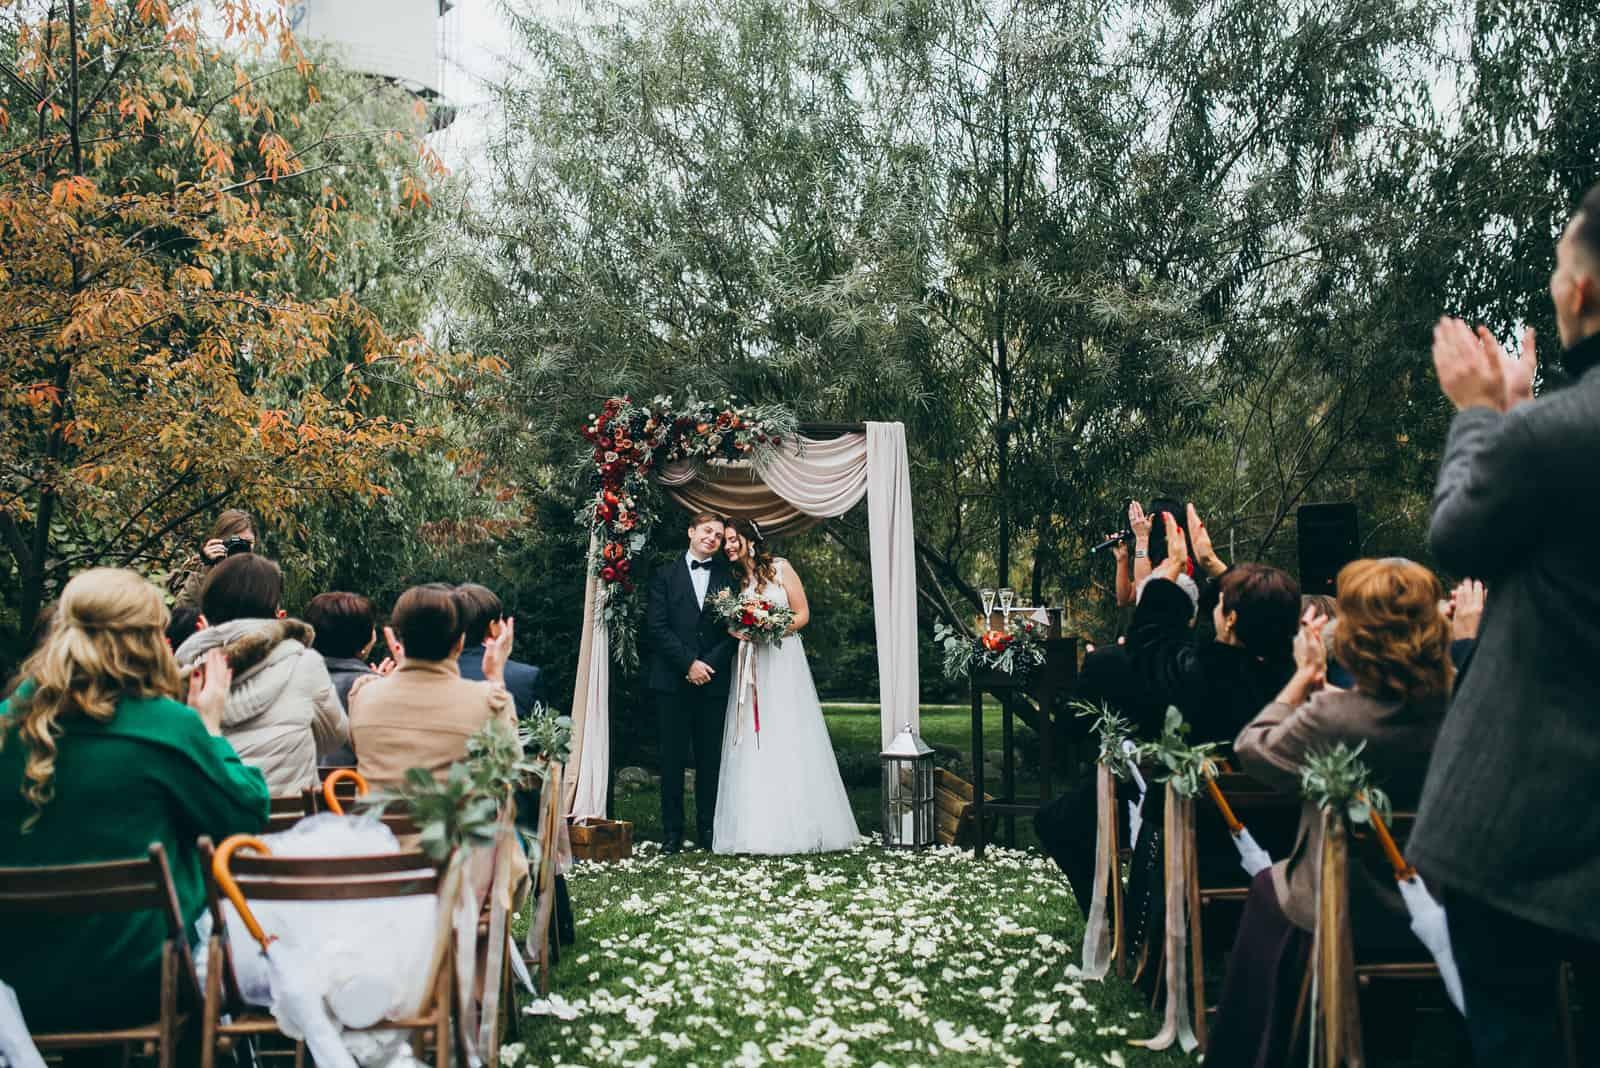 eine Hochzeitszeremonie im Wald